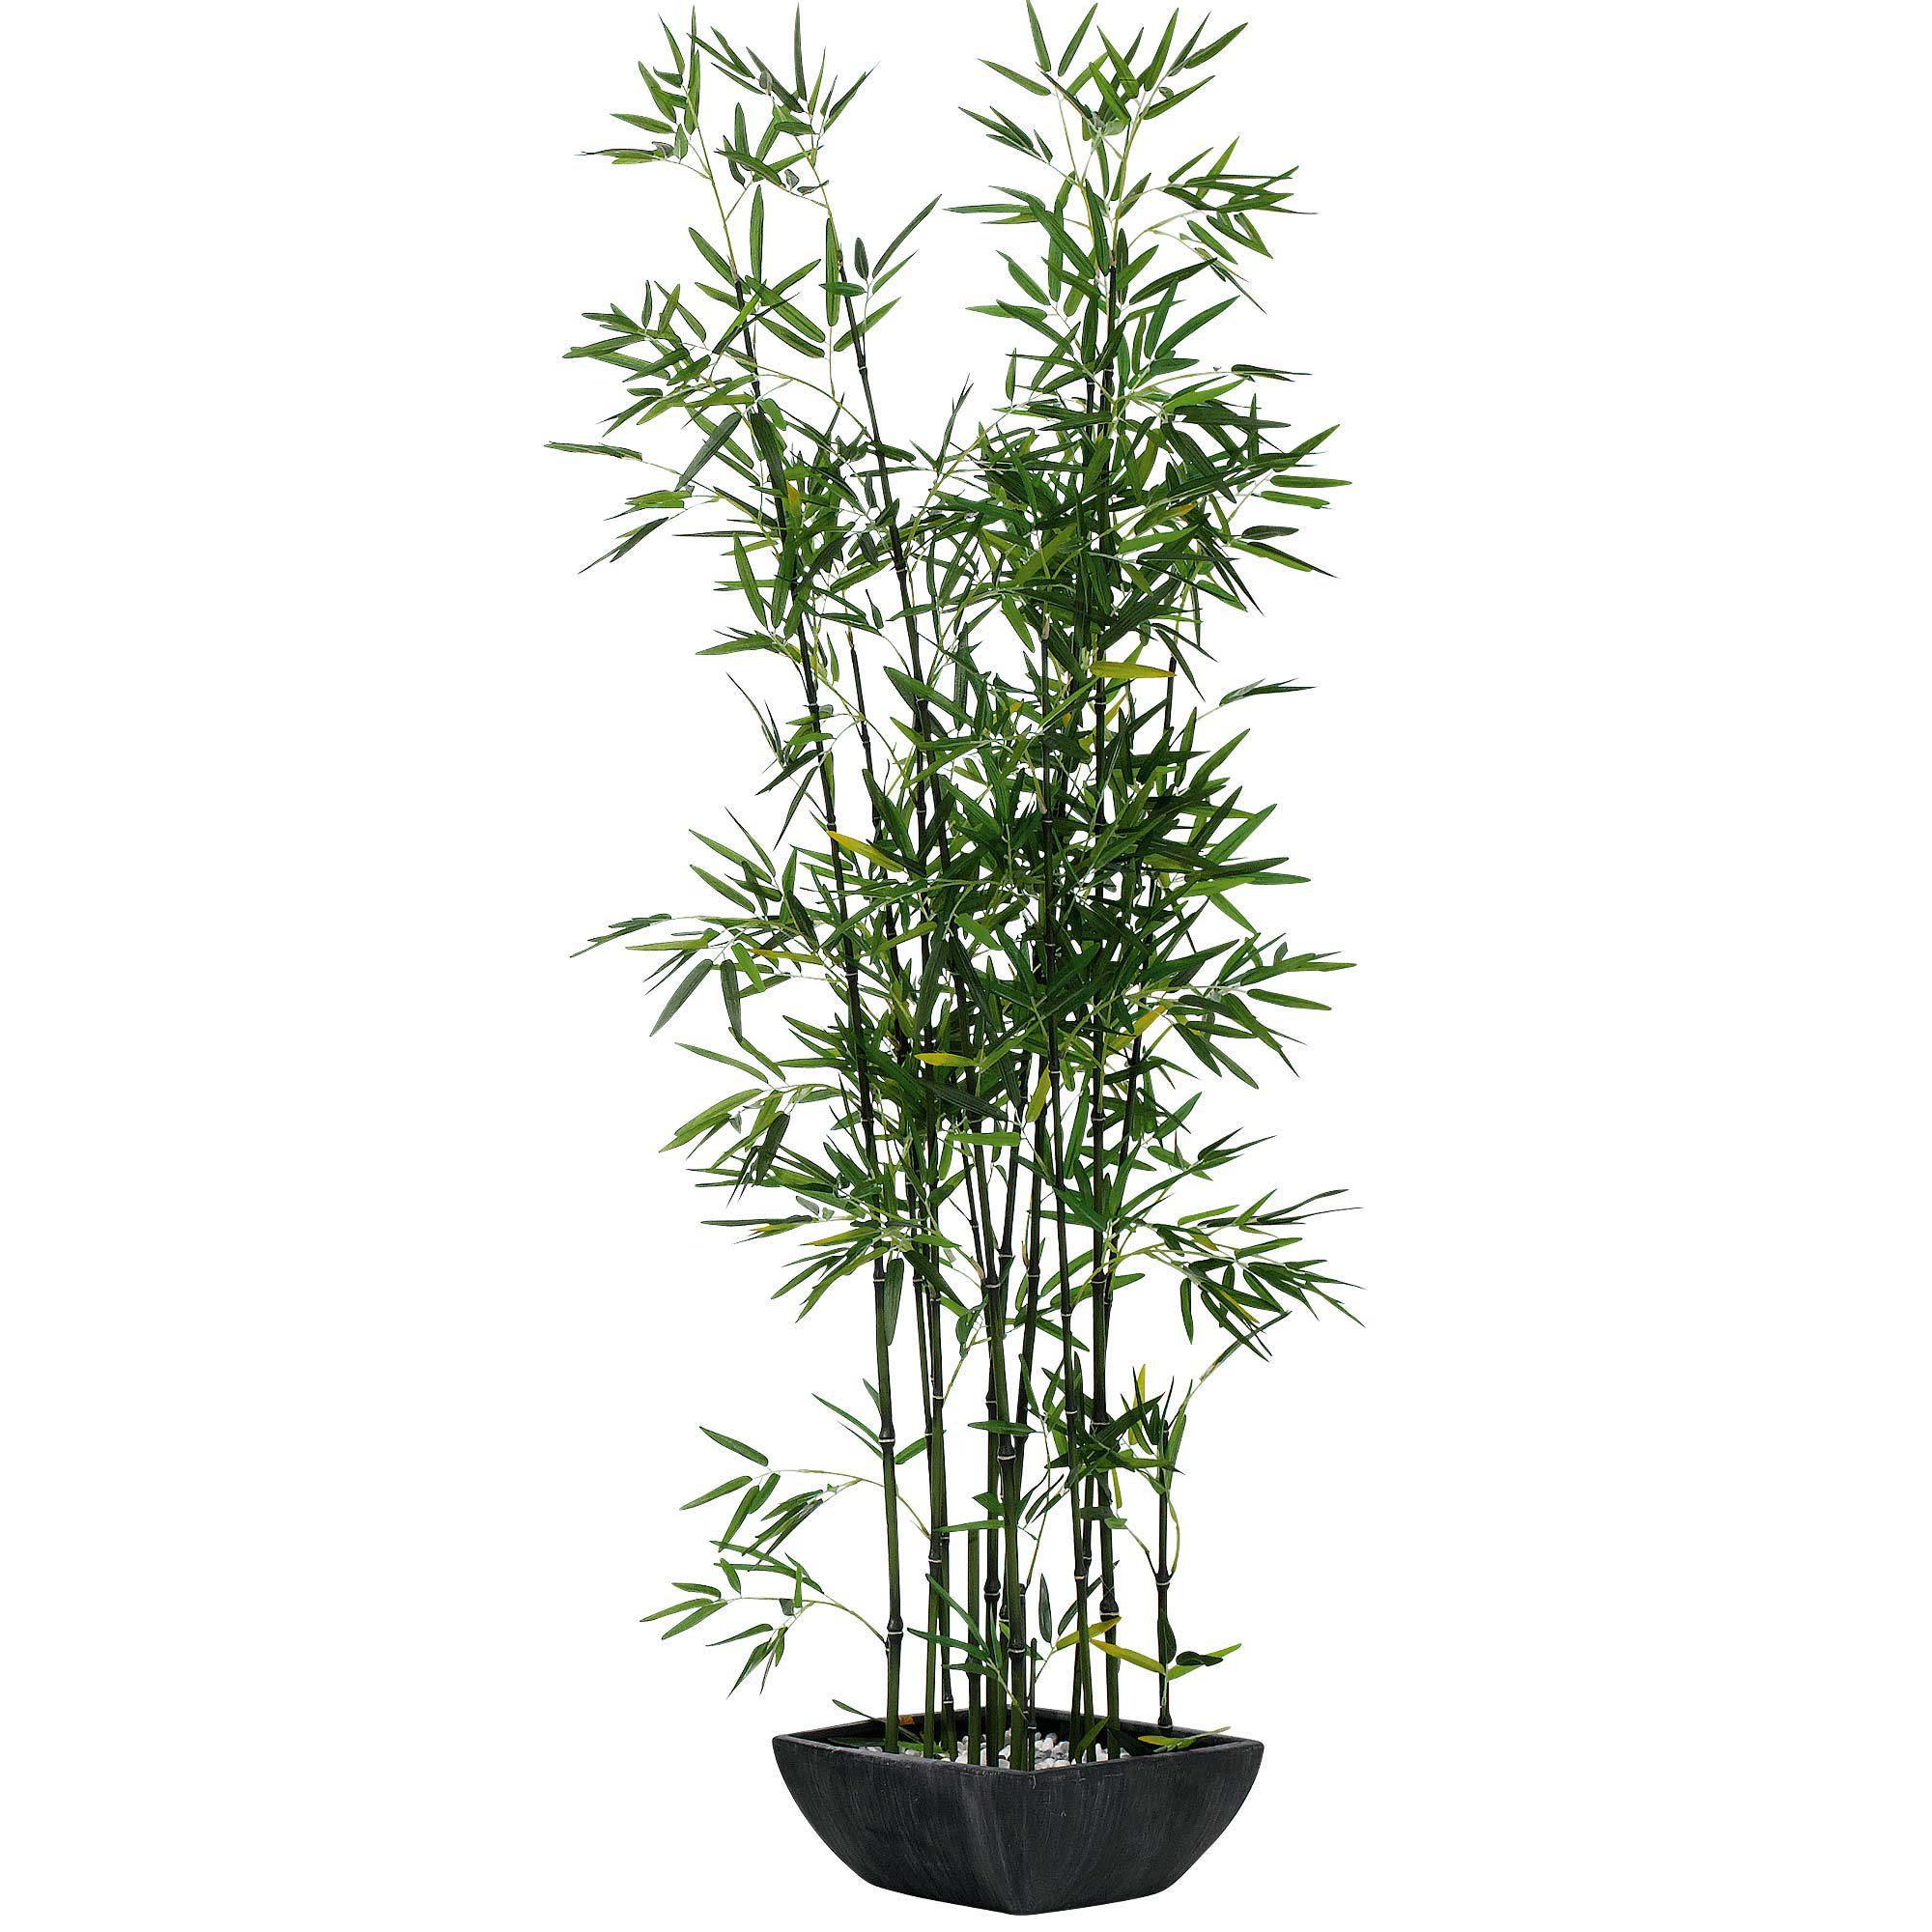 kunstpflanze bambus my blog. Black Bedroom Furniture Sets. Home Design Ideas